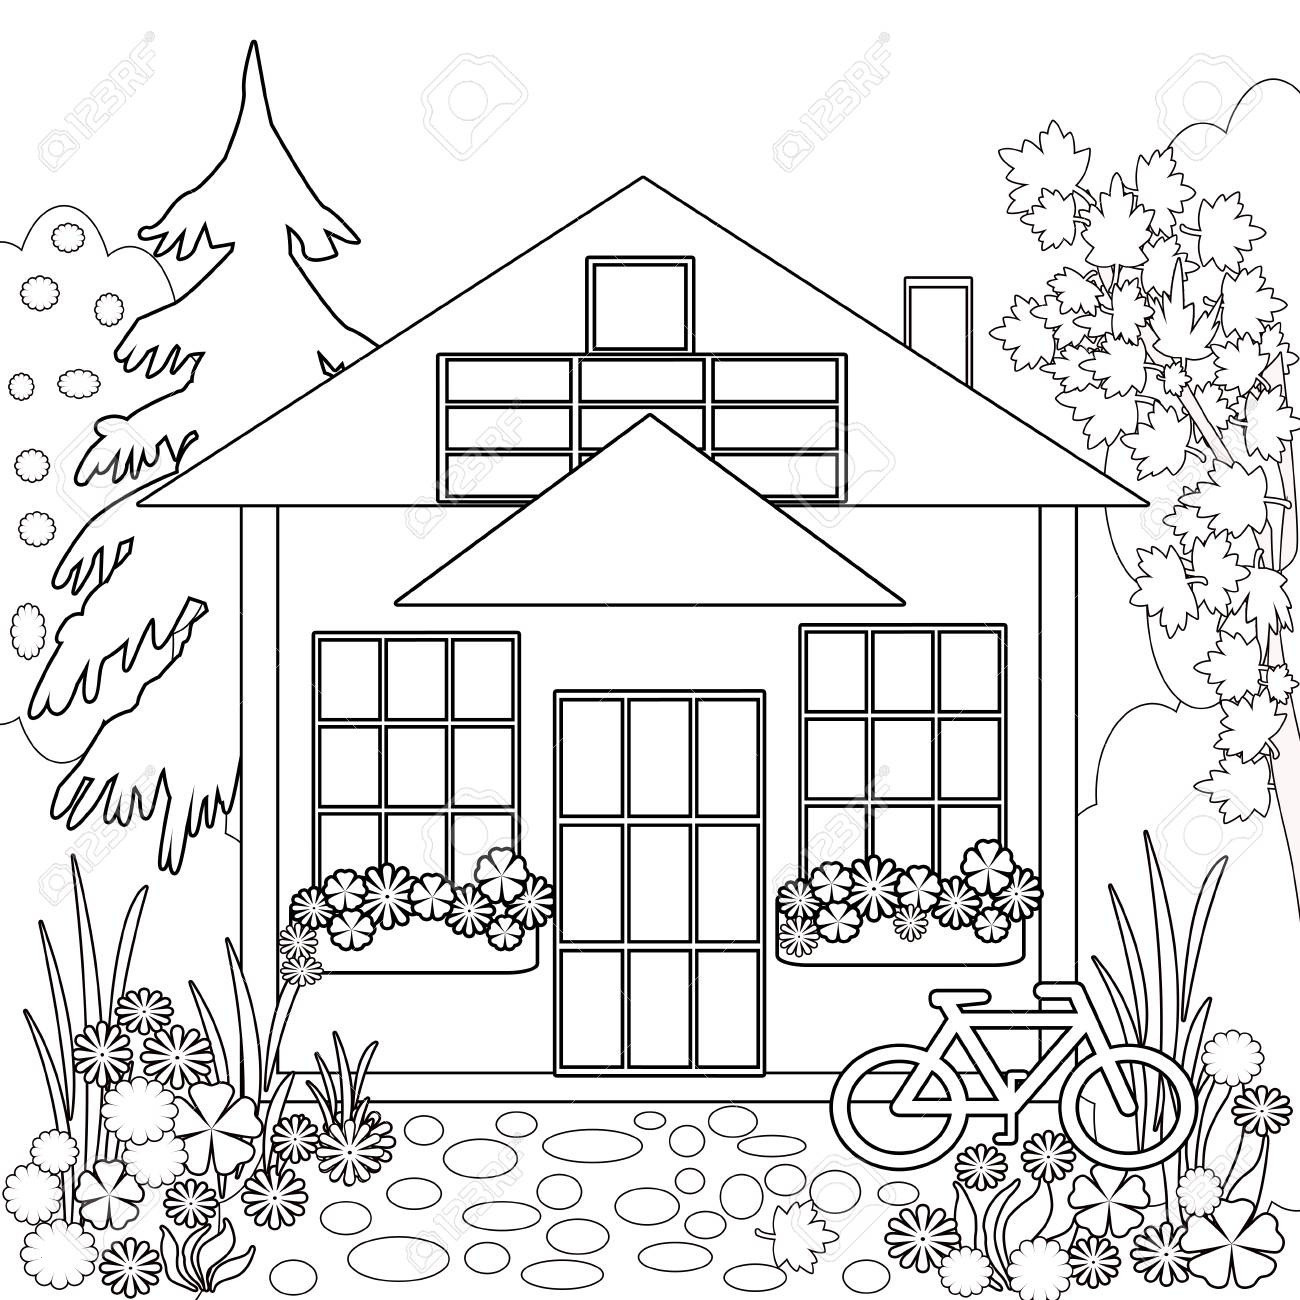 Ausmalbilder Haus Mit Garten Frisch Ausmalbilder Garten Best 40 Malvorlagen Garten Scoredatscore Sammlung